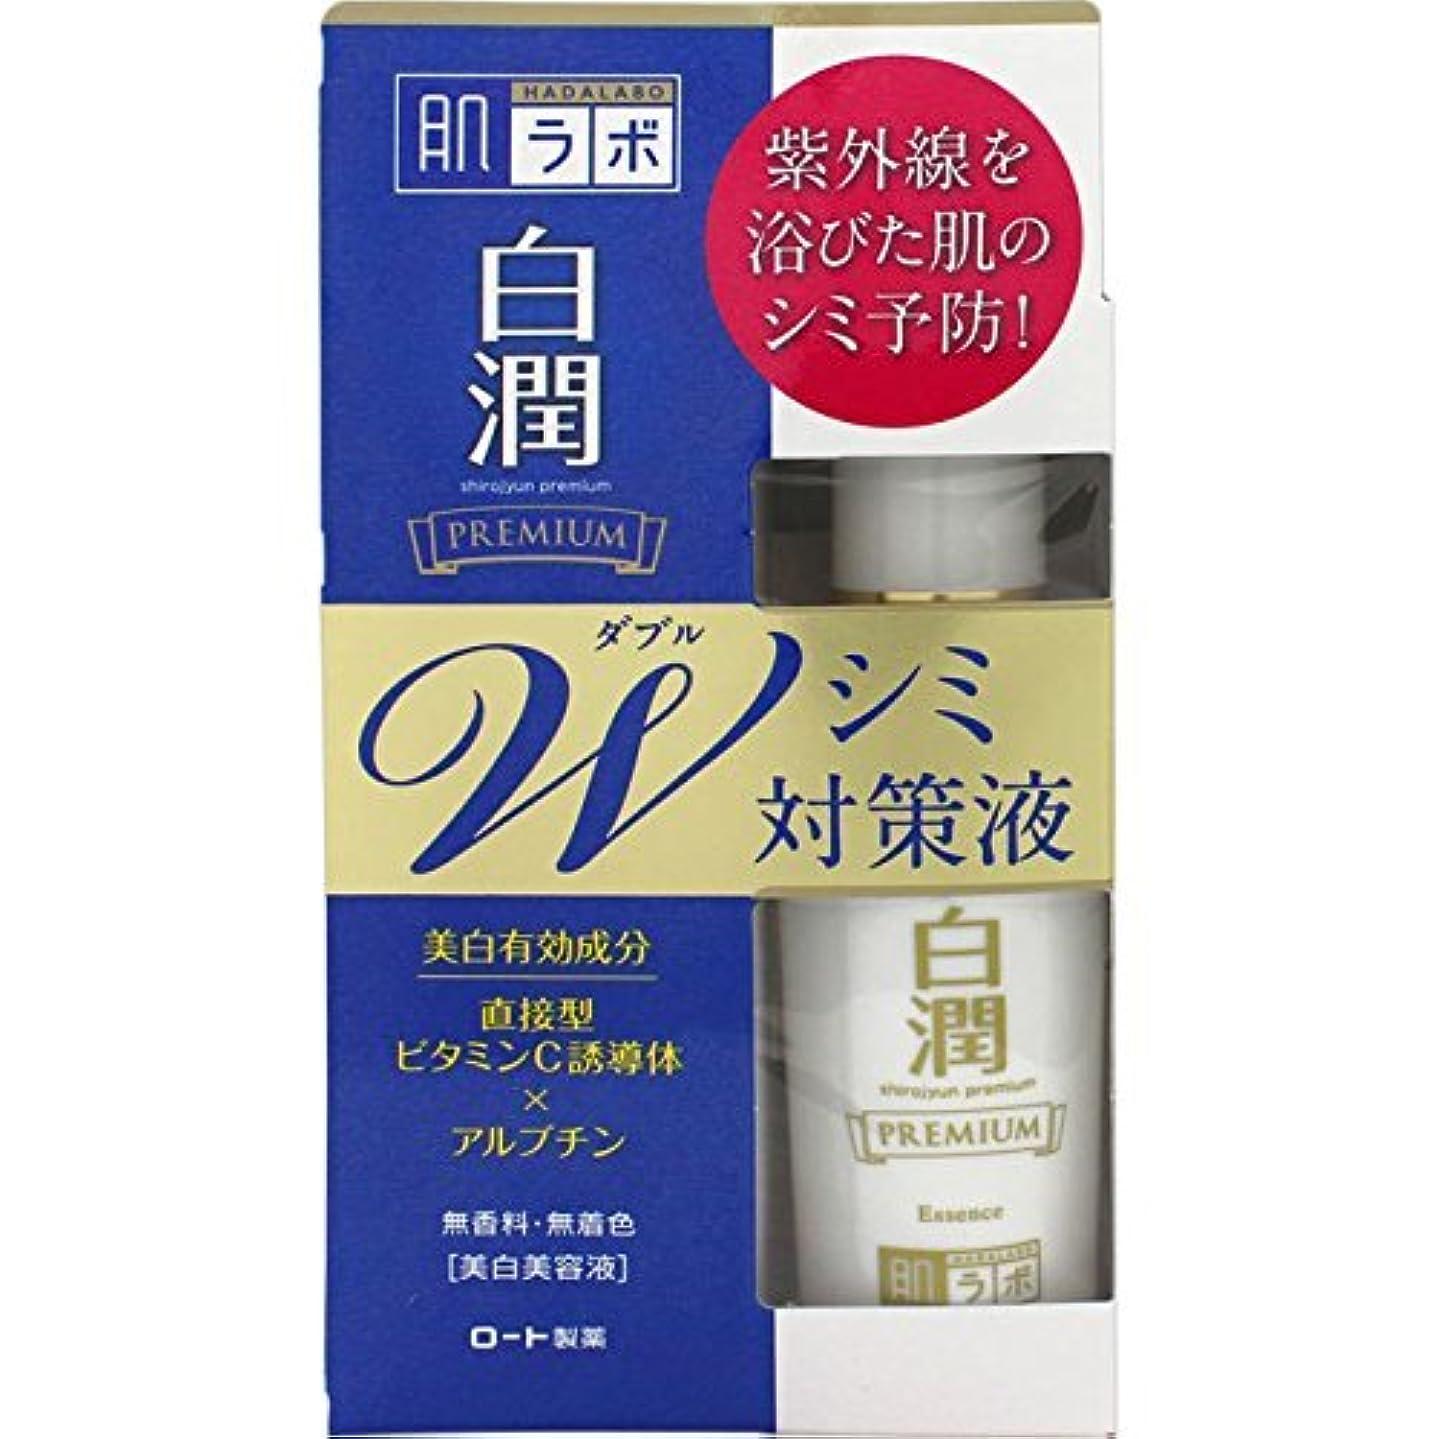 タックマニアオーバーヘッド肌ラボ 白潤 プレミアムW美白美容液 40mL (医薬部外品)×3